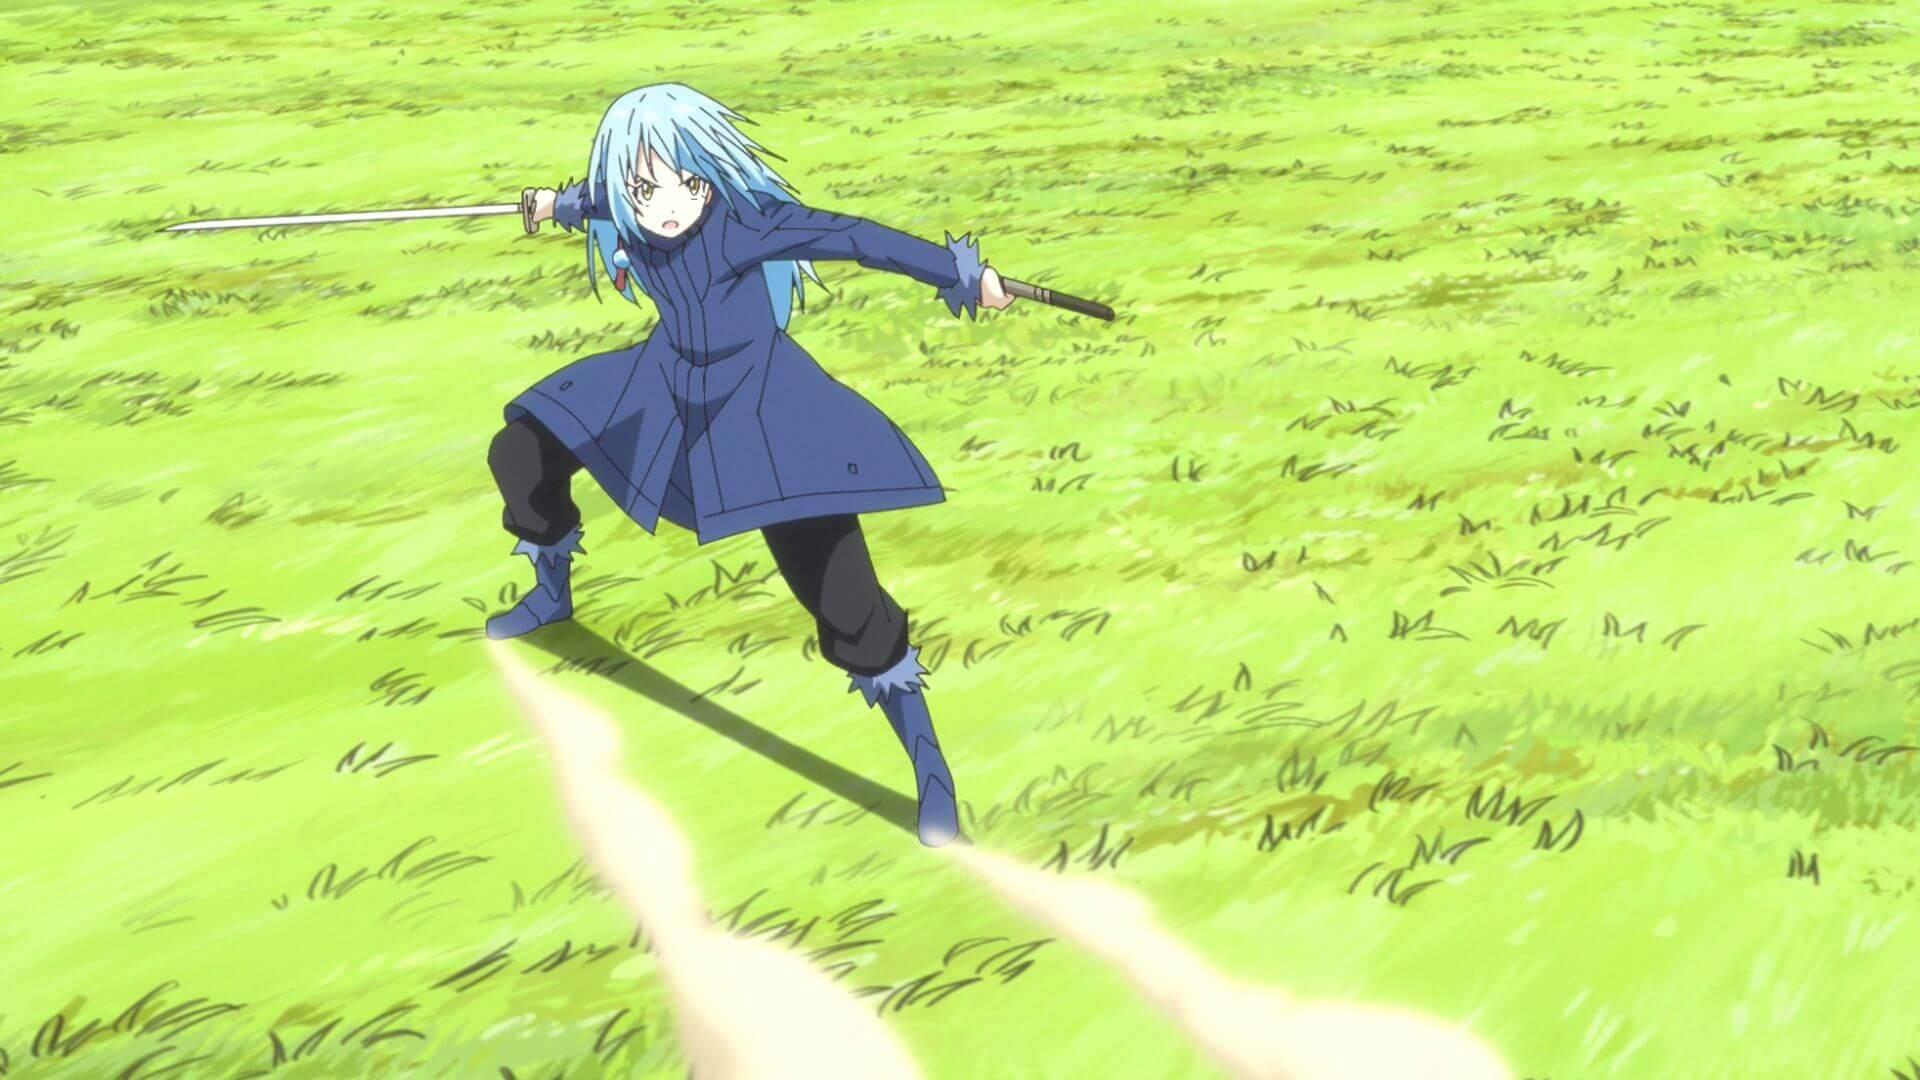 Rimuru Tempest fighting wallpaper in HD